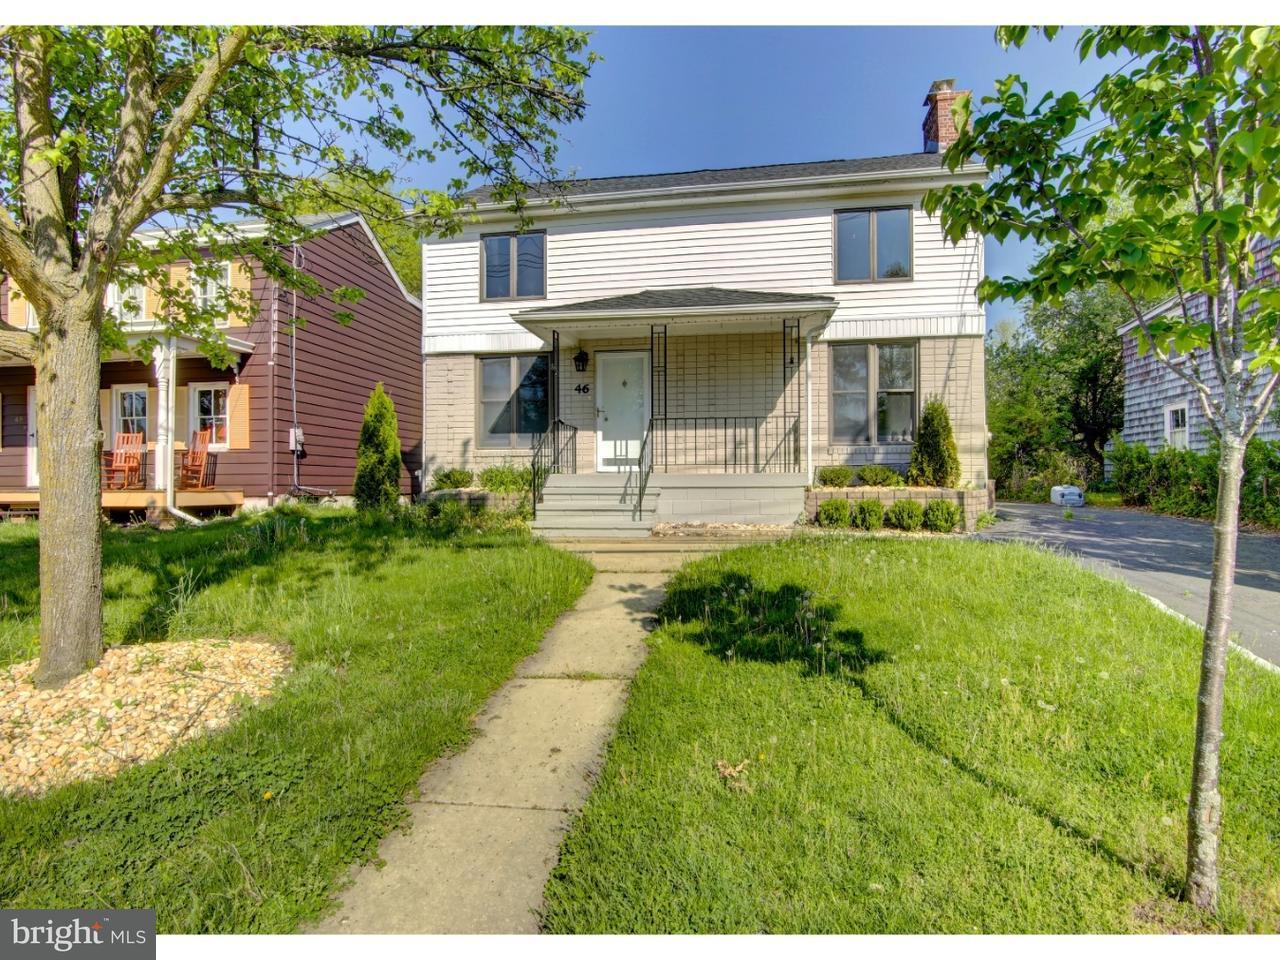 Частный односемейный дом для того Продажа на 46 S MAIN Street Windsor, Нью-Джерси 08561 Соединенные ШтатыВ/Около: Robbinsville Township